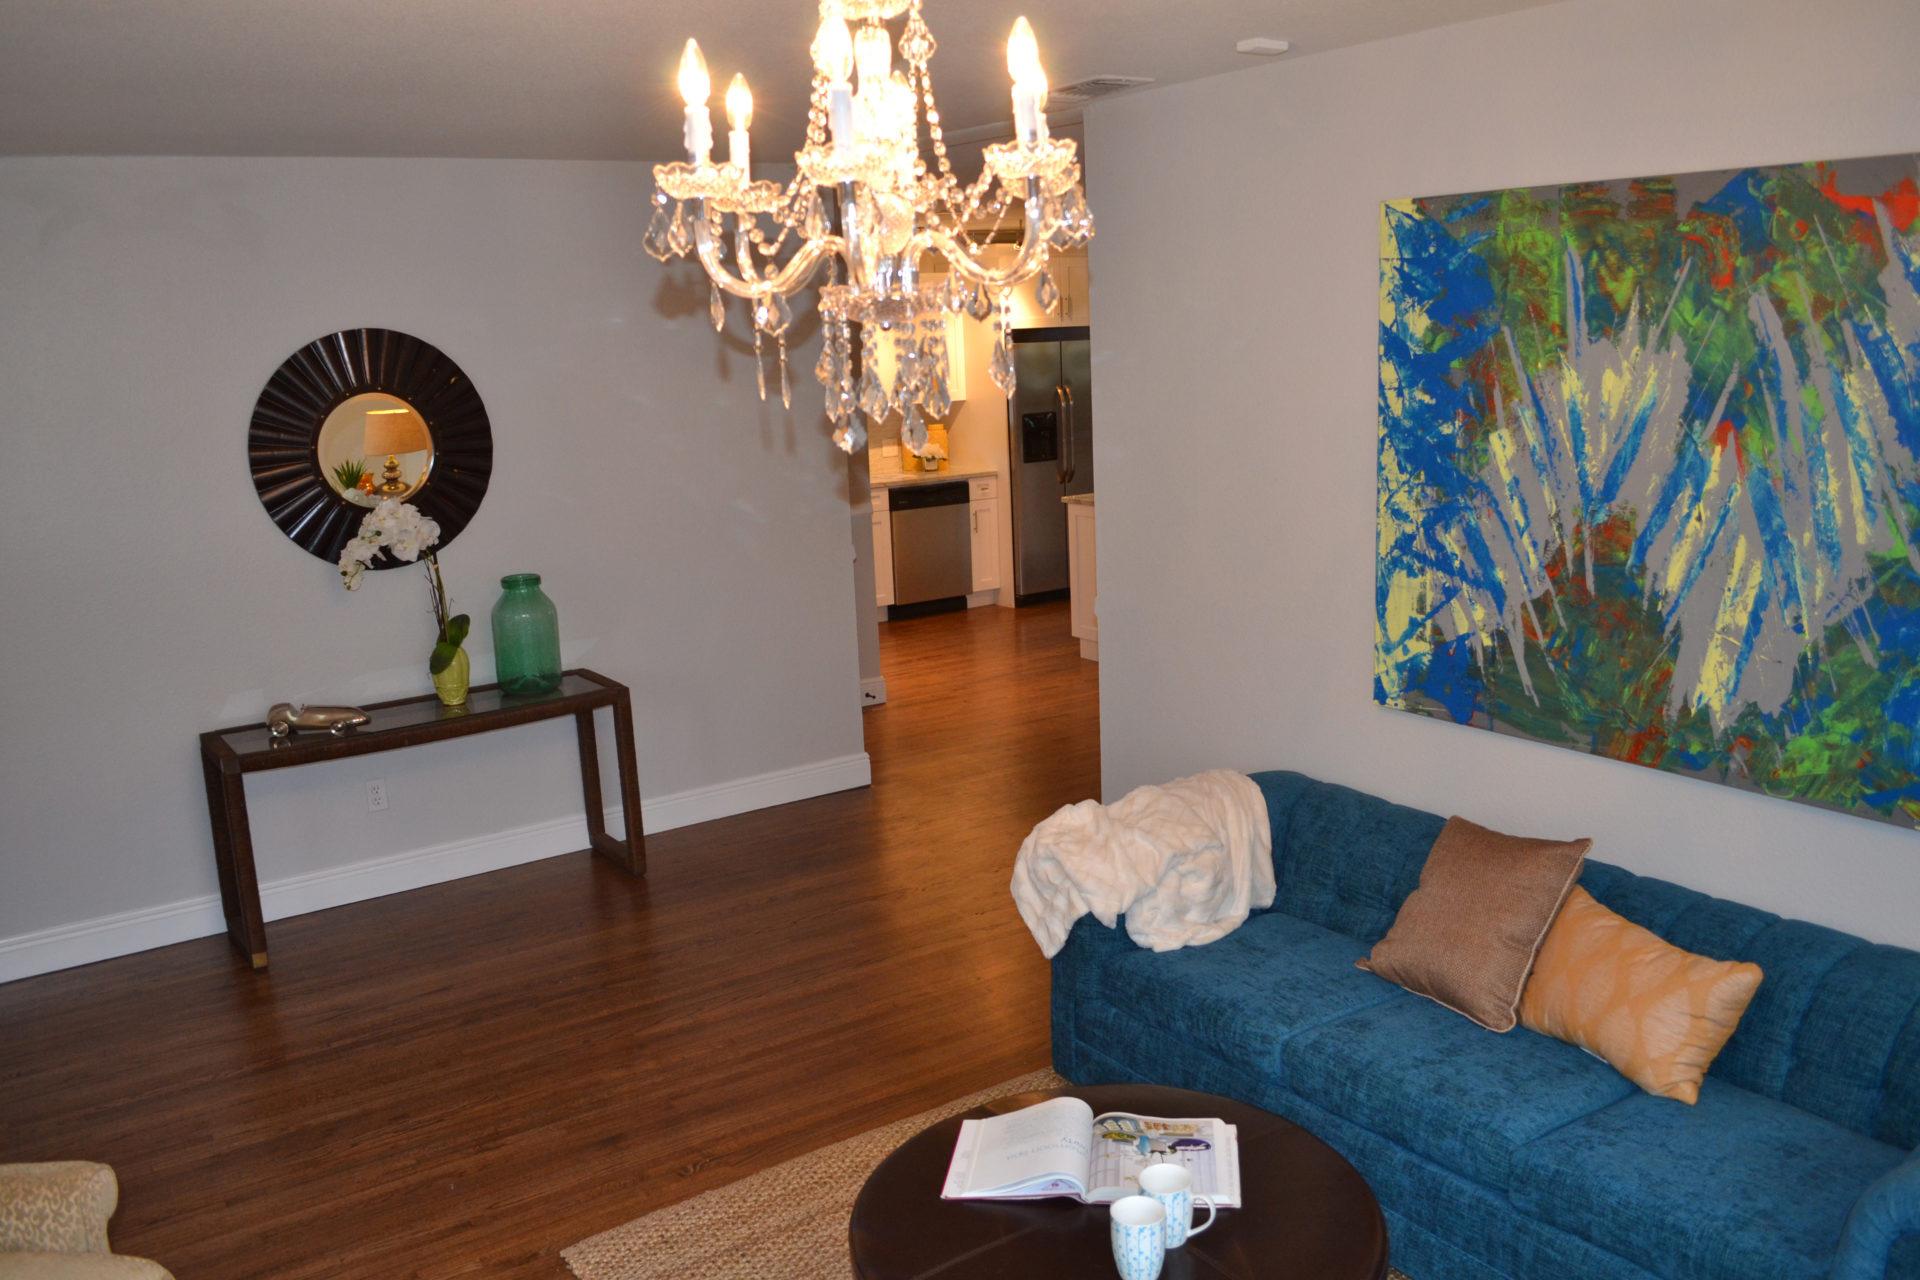 Living Room Sets Tampa Fl living room furniture tampa fl. living room furnitureliving room